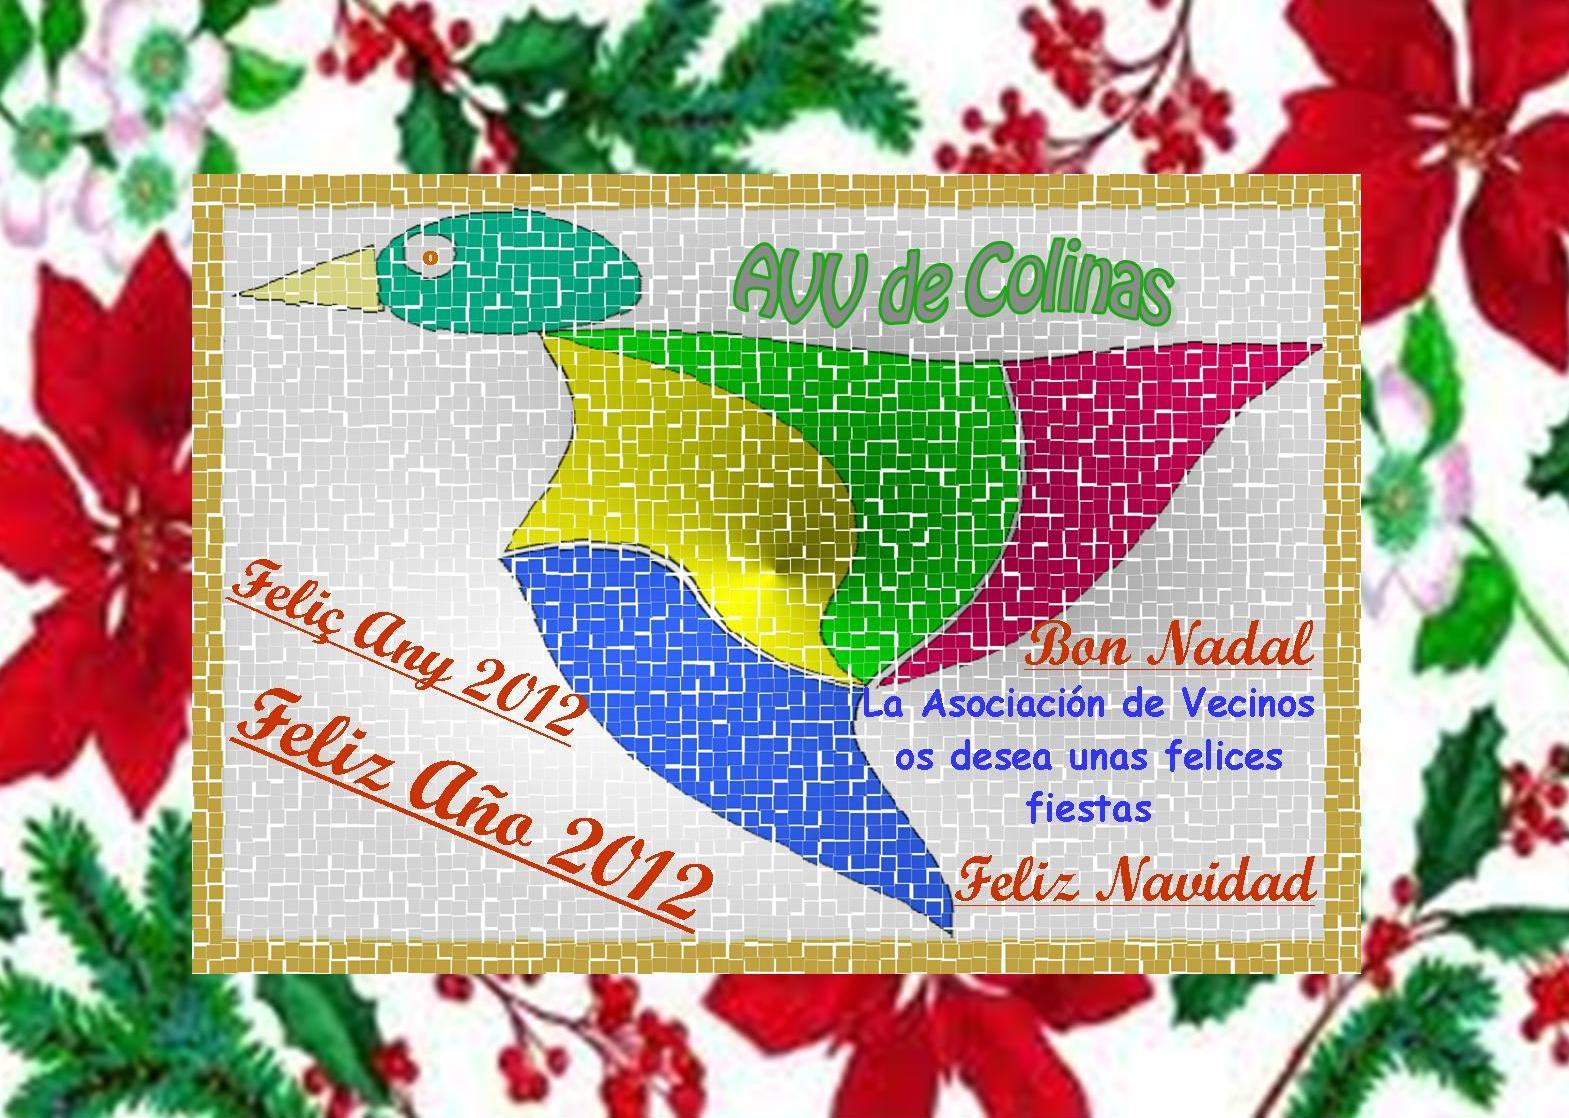 ASOCIACION DE VECINOS DE COLINAS DE SAN ANTONIO: 2011